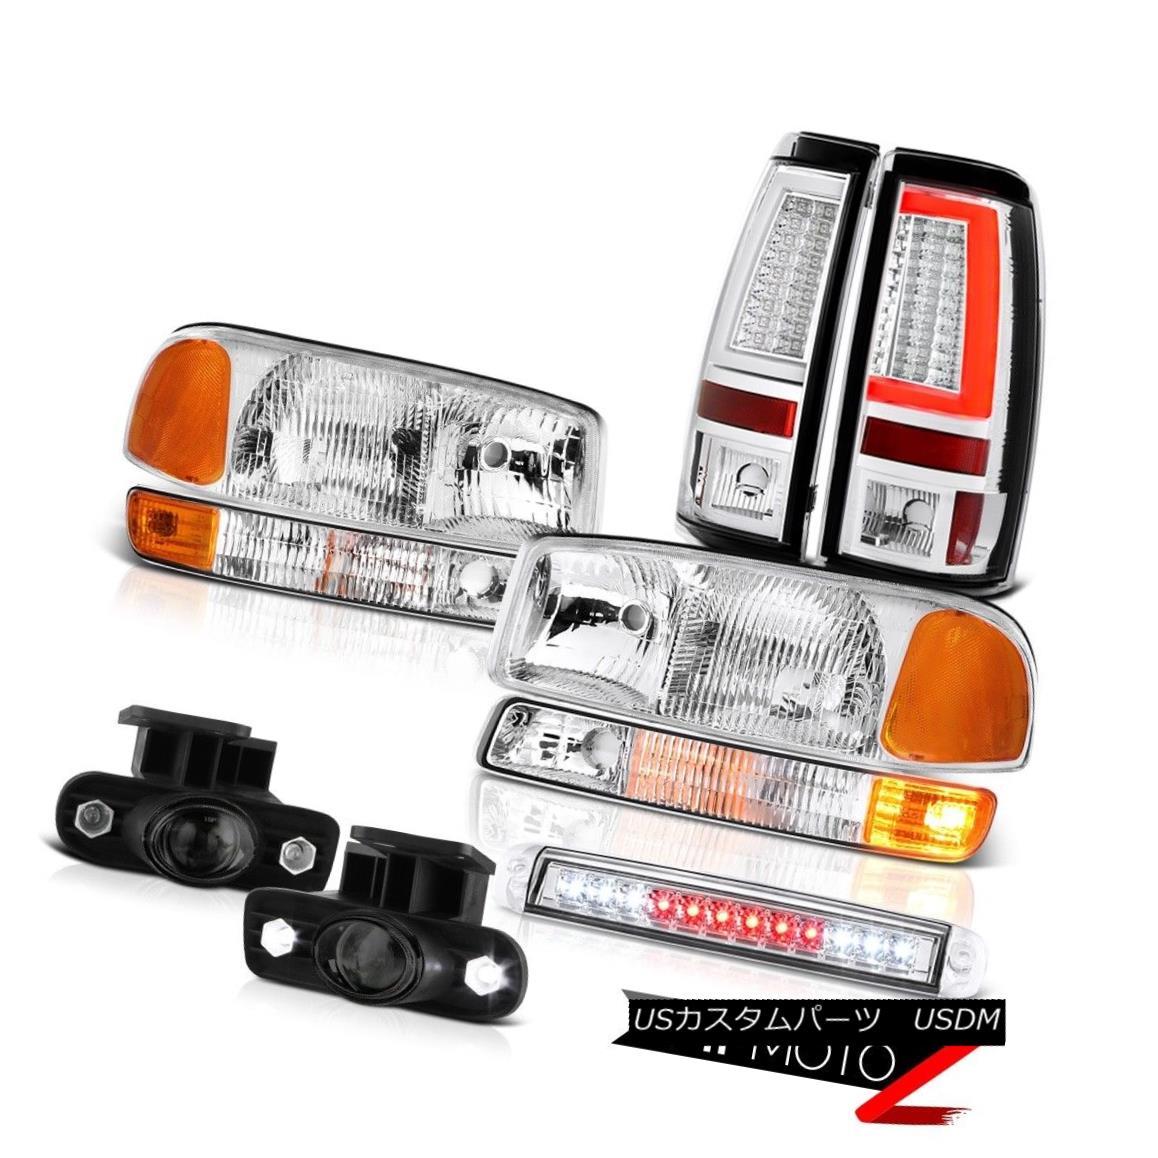 テールライト 99-02 Sierra SLE Headlamps Bumper Tail Lamps Third Brake Lamp Foglamps Projector 99-02 Sierra SLEヘッドランプバンパーテールランプ第3ブレーキランプフォグランププロジェクター